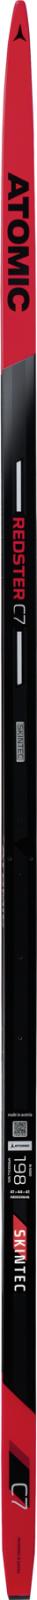 Atomic Redster C7 Skintec Medium/Hard